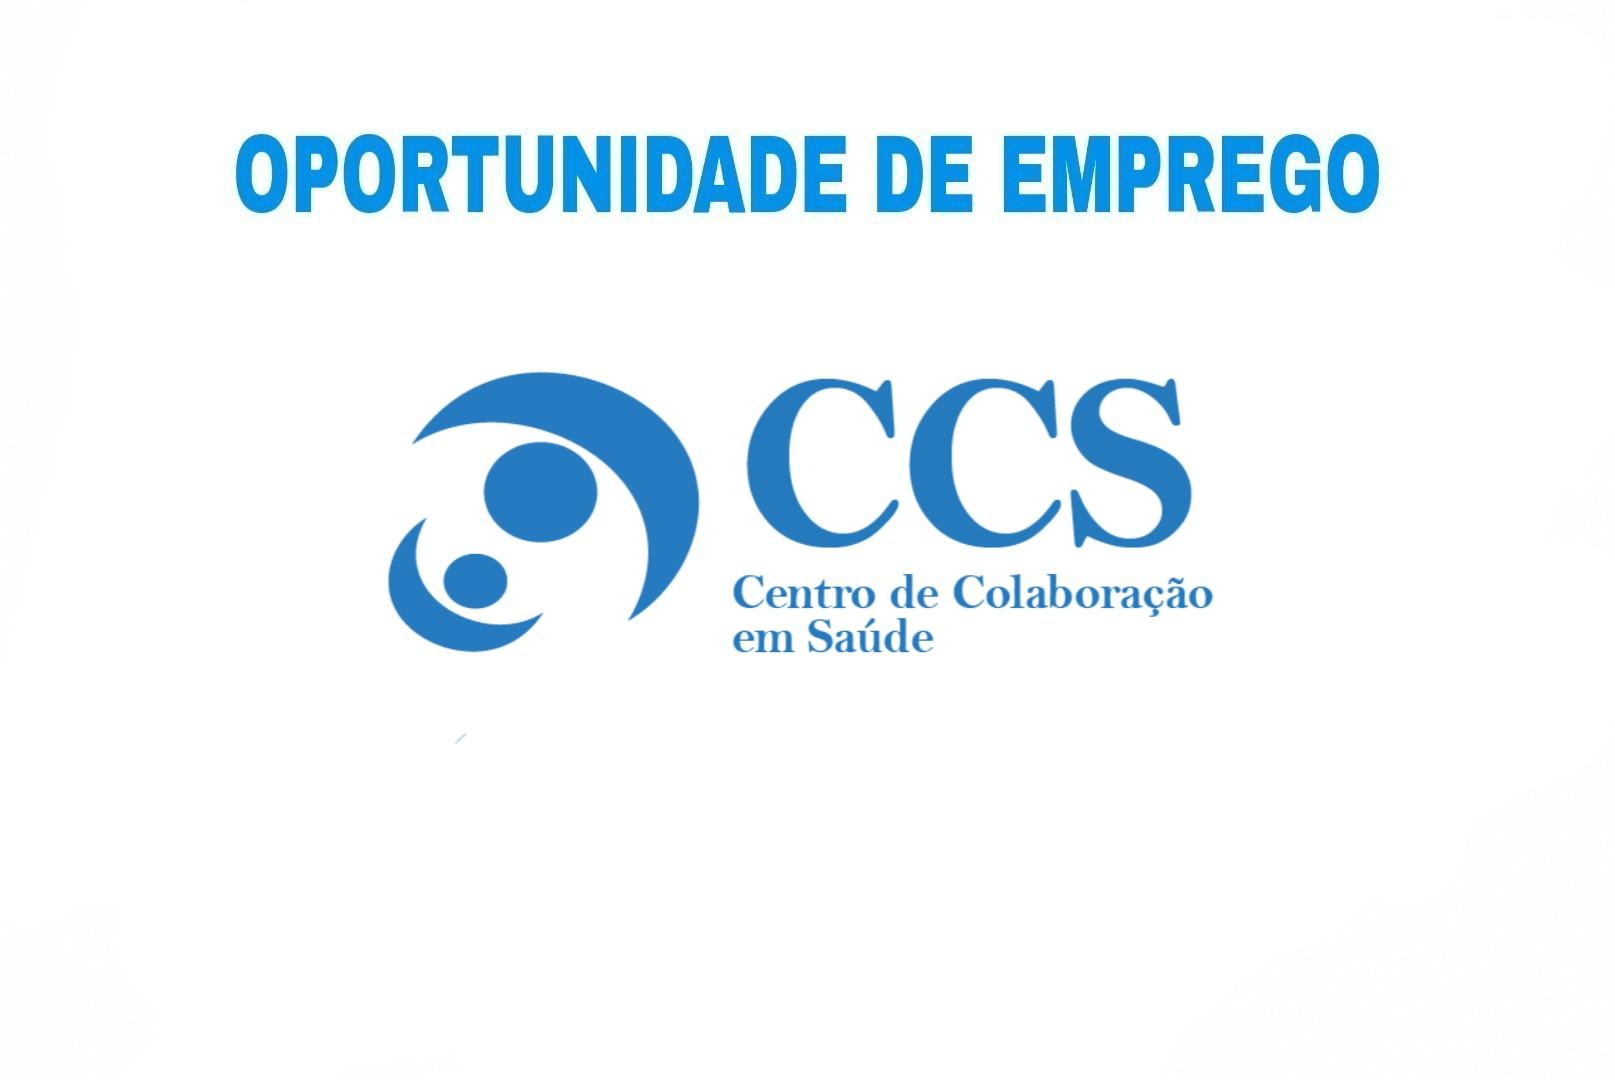 Sovagasmoz - Emprego - Centro de Colaboração em Saúde - CCS - www.sovagasmoz.com